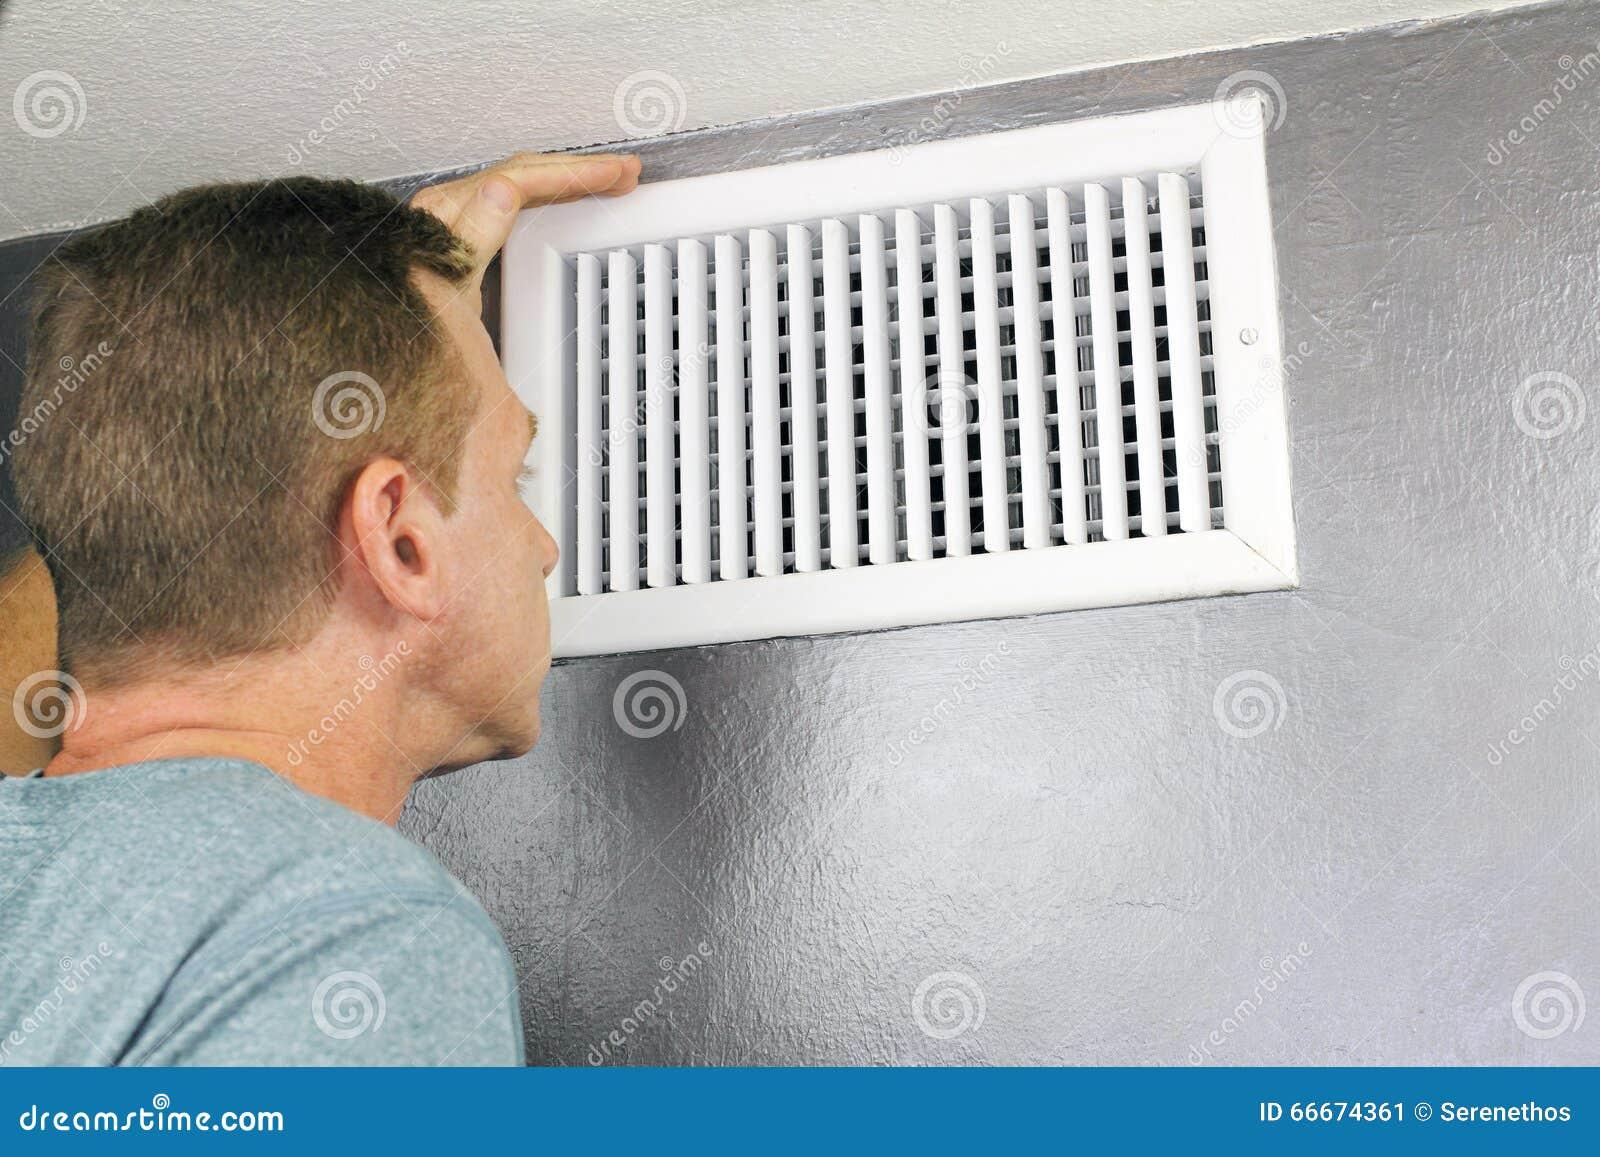 Inspección de una salida de aire casera para el mantenimiento